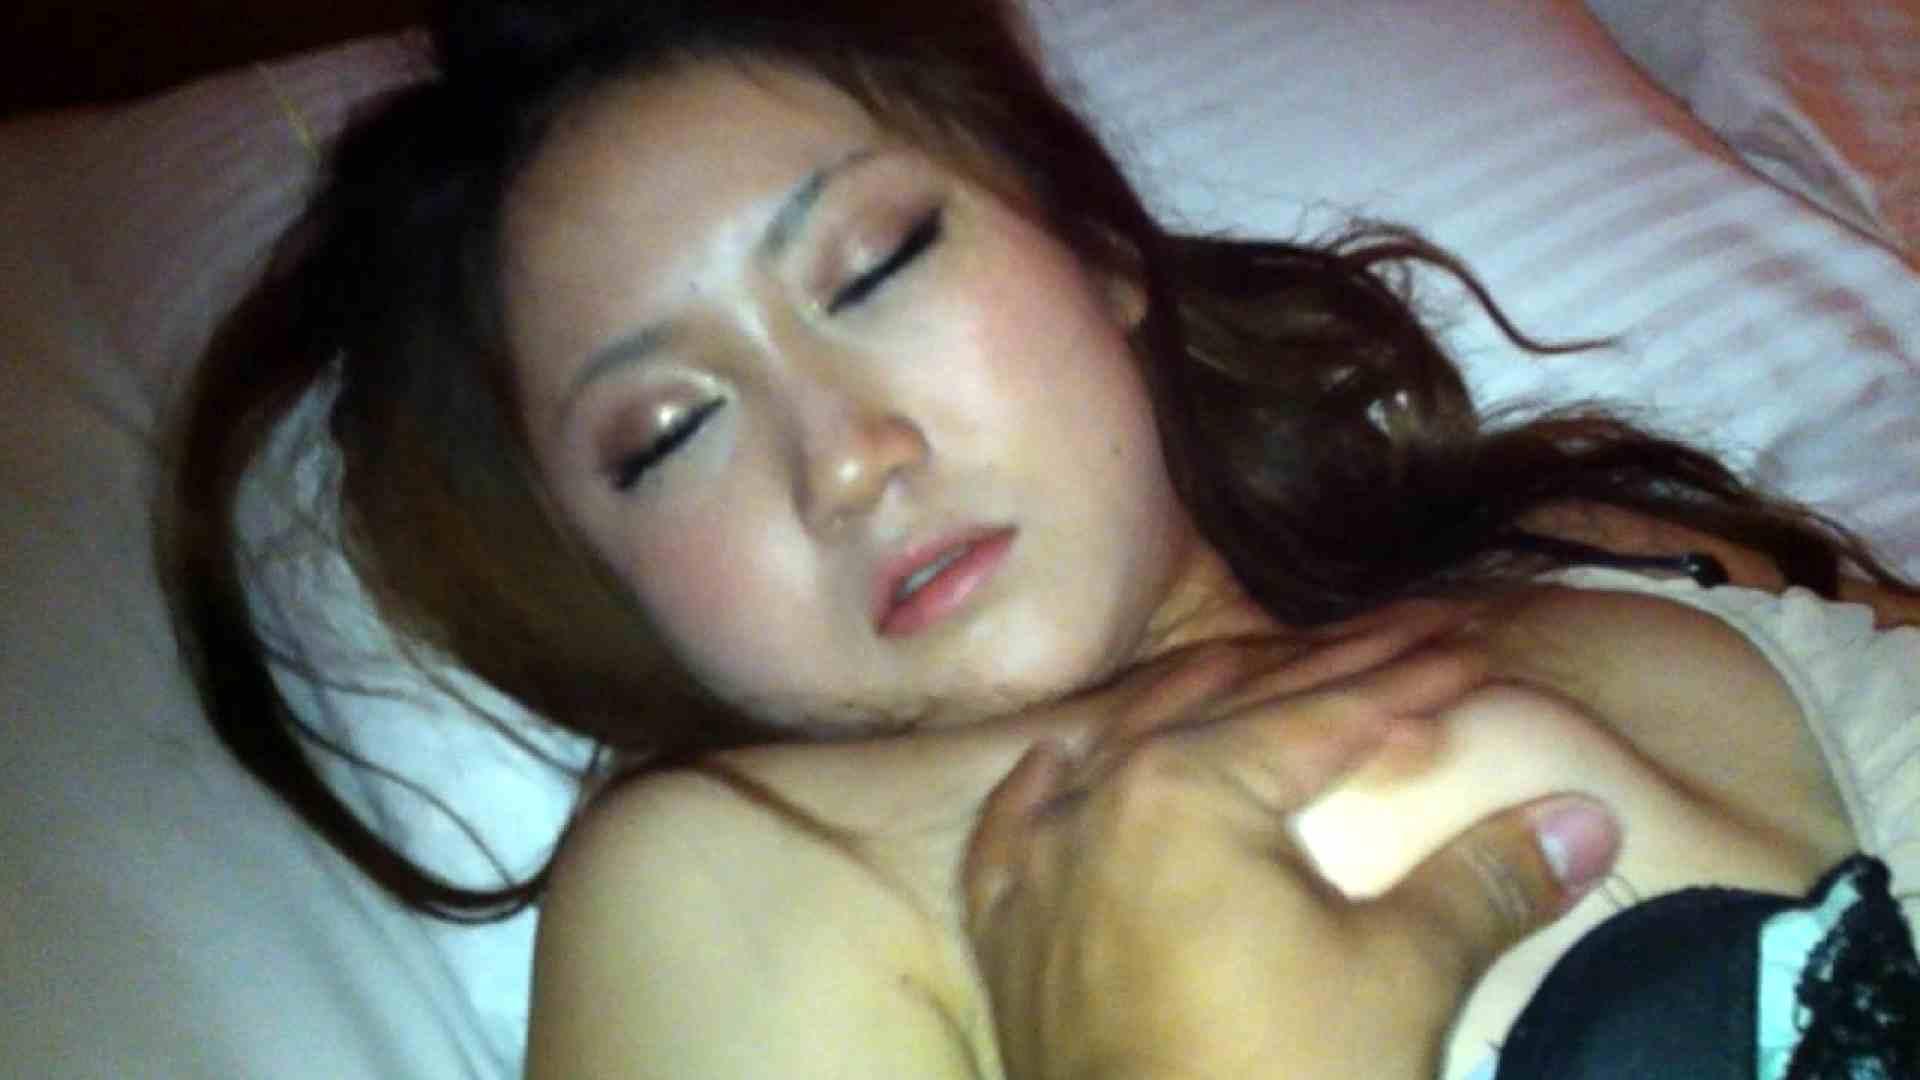 vol.11 【Sちゃん(2回目)】現役女子大生19歳 ラブホ-前編- 小悪魔ギャル  107枚 78